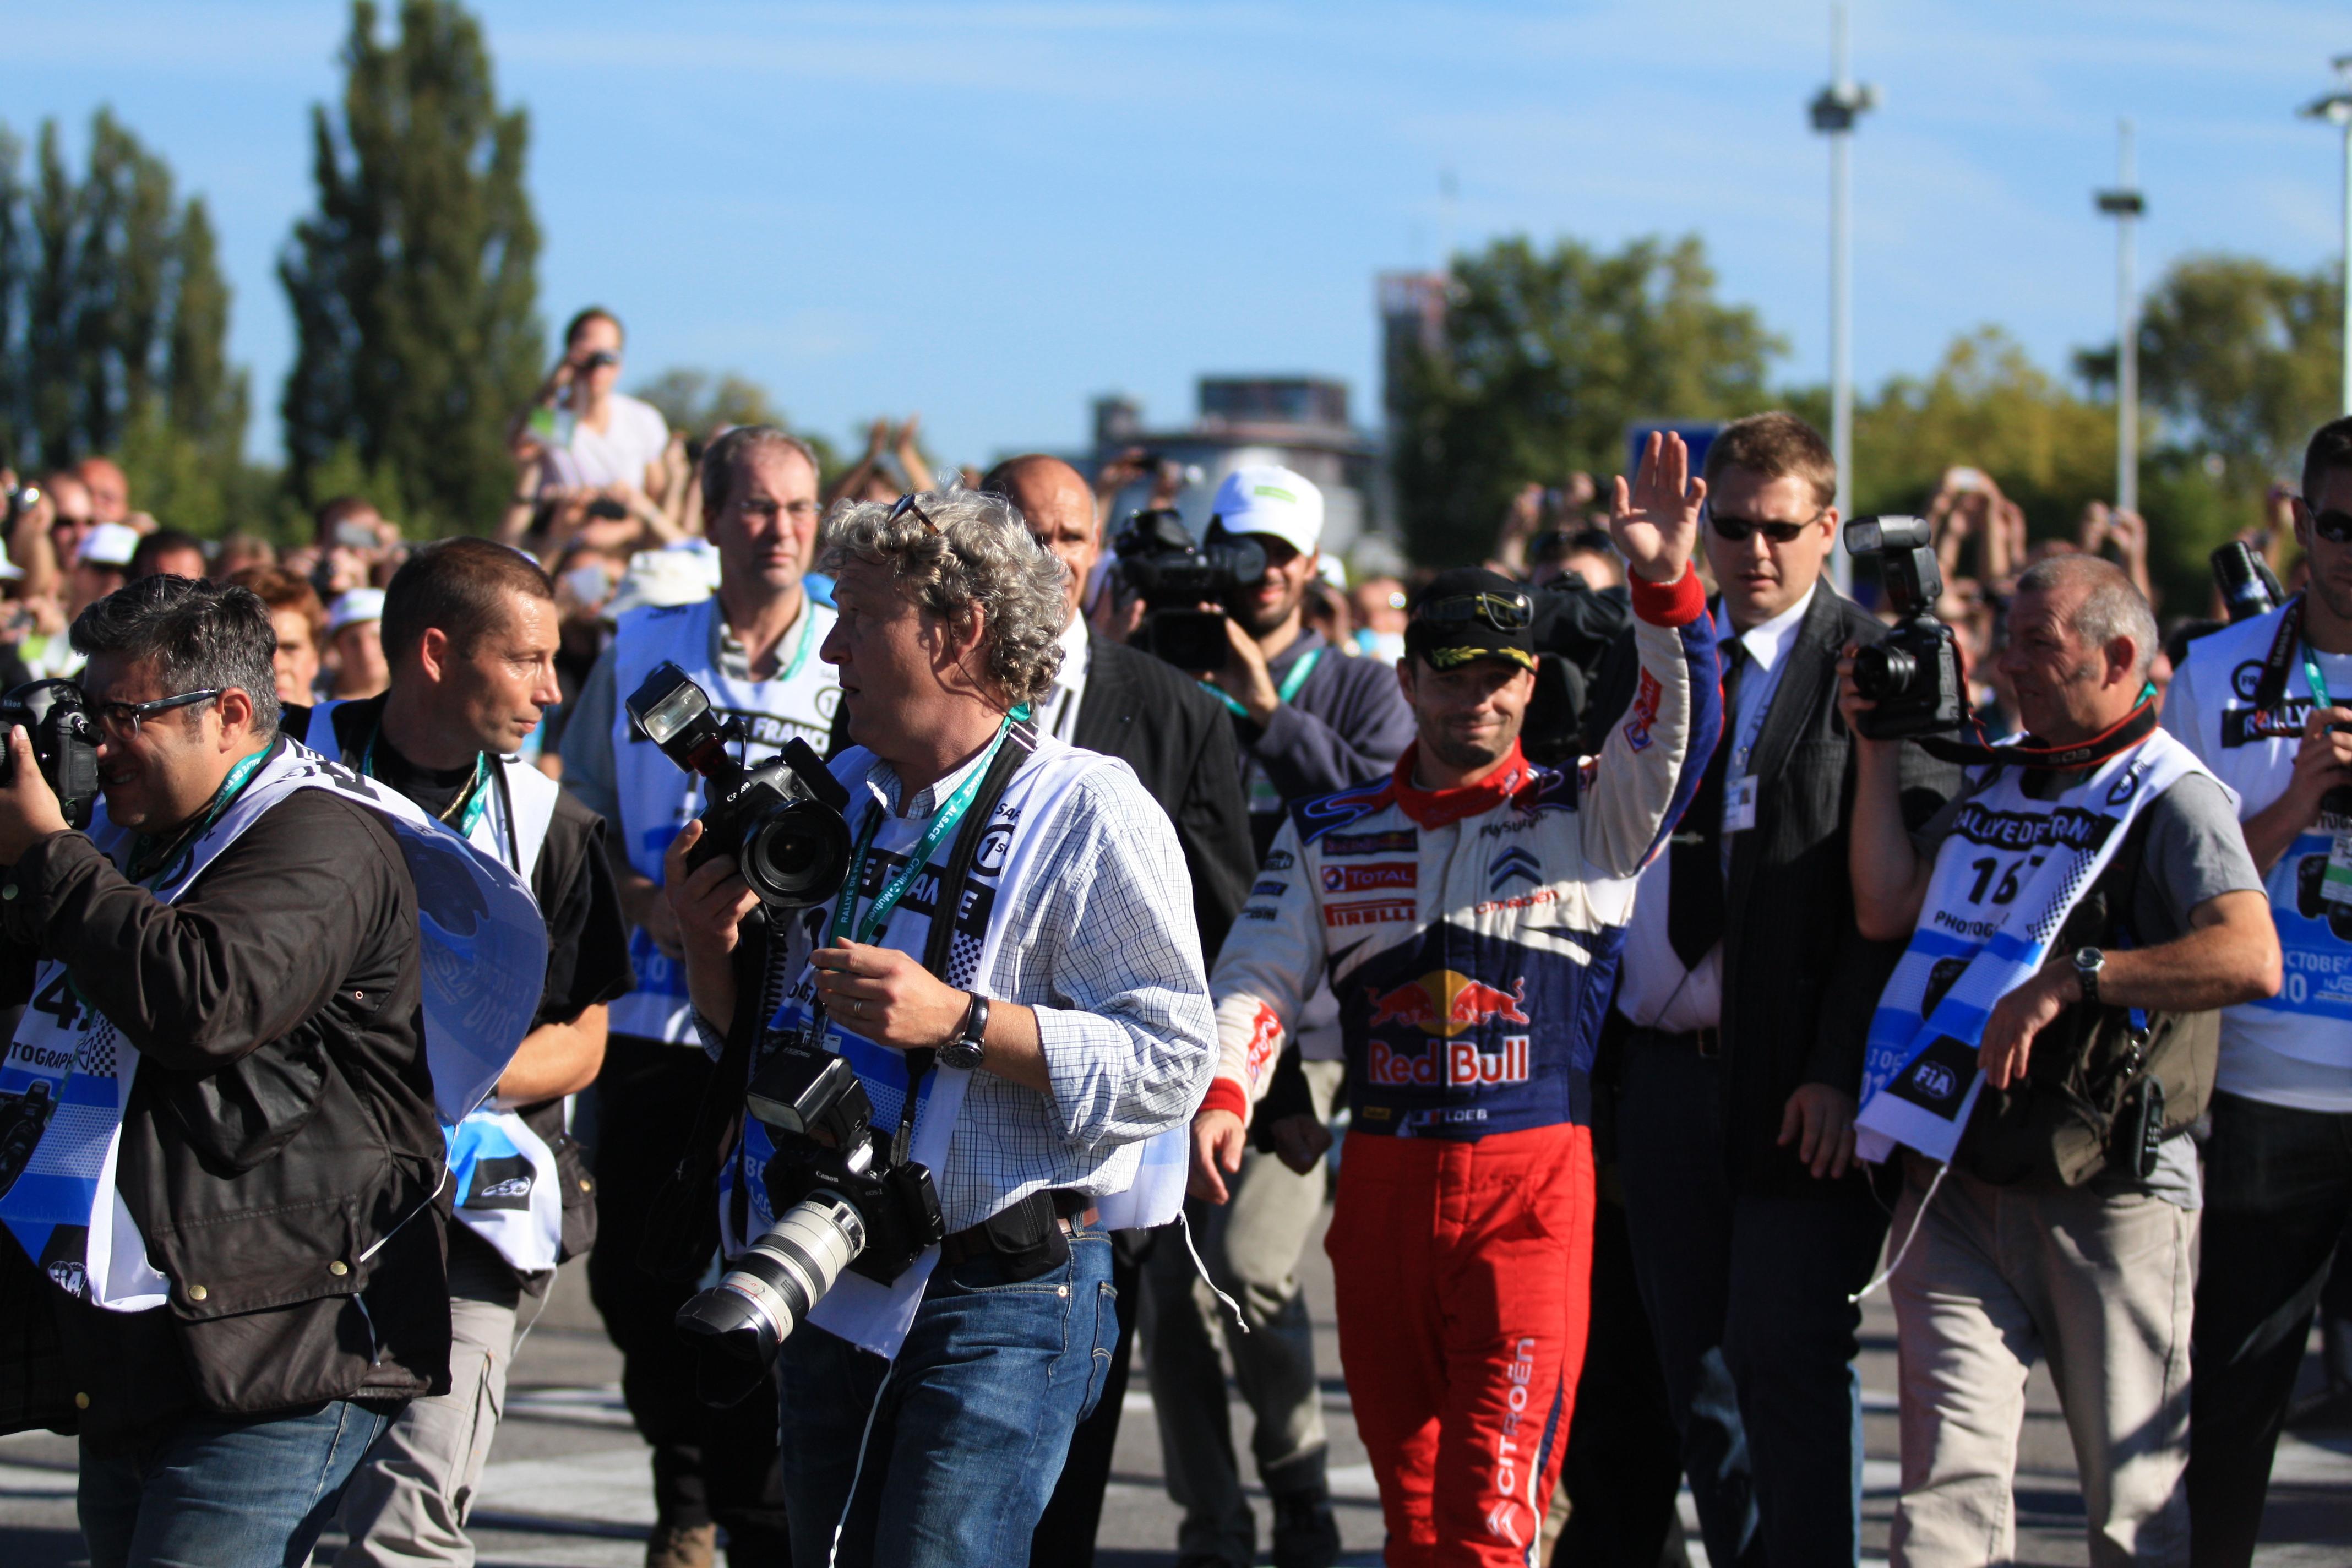 Reportage photographique d'évènement sportif au WRC réalisé par Alexis Zimmermann Photographe Professionnel à Strasbourg en Alsace